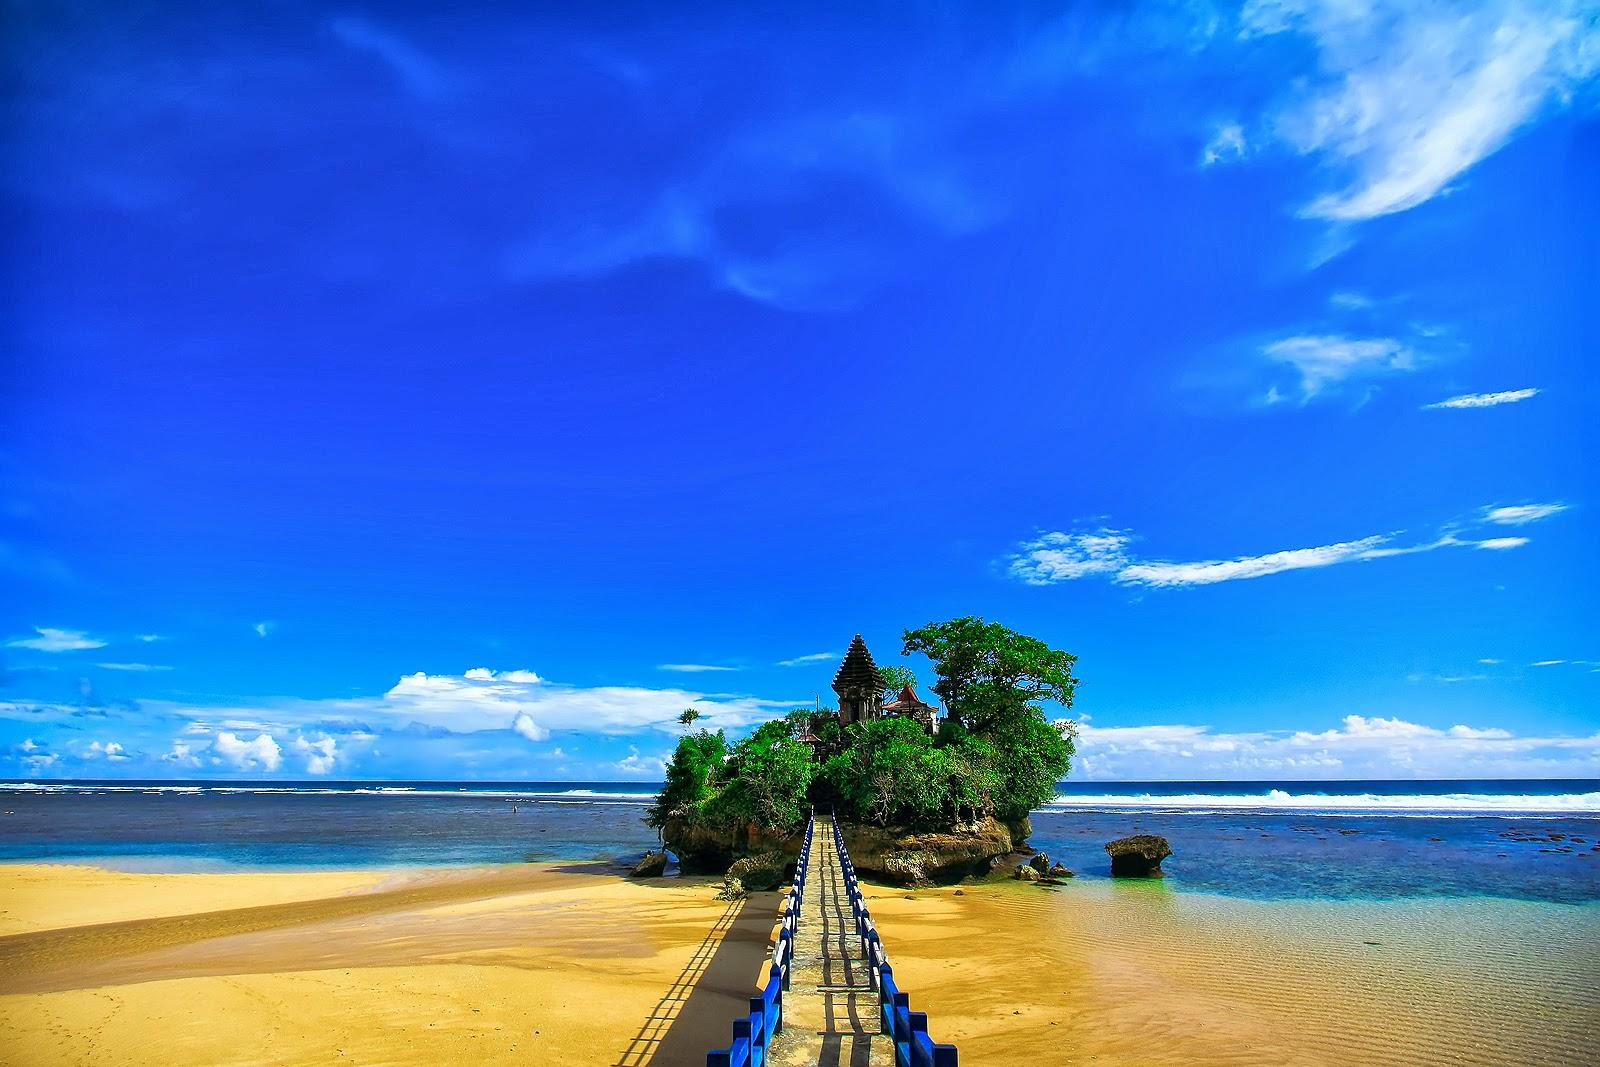 playa Balekambang